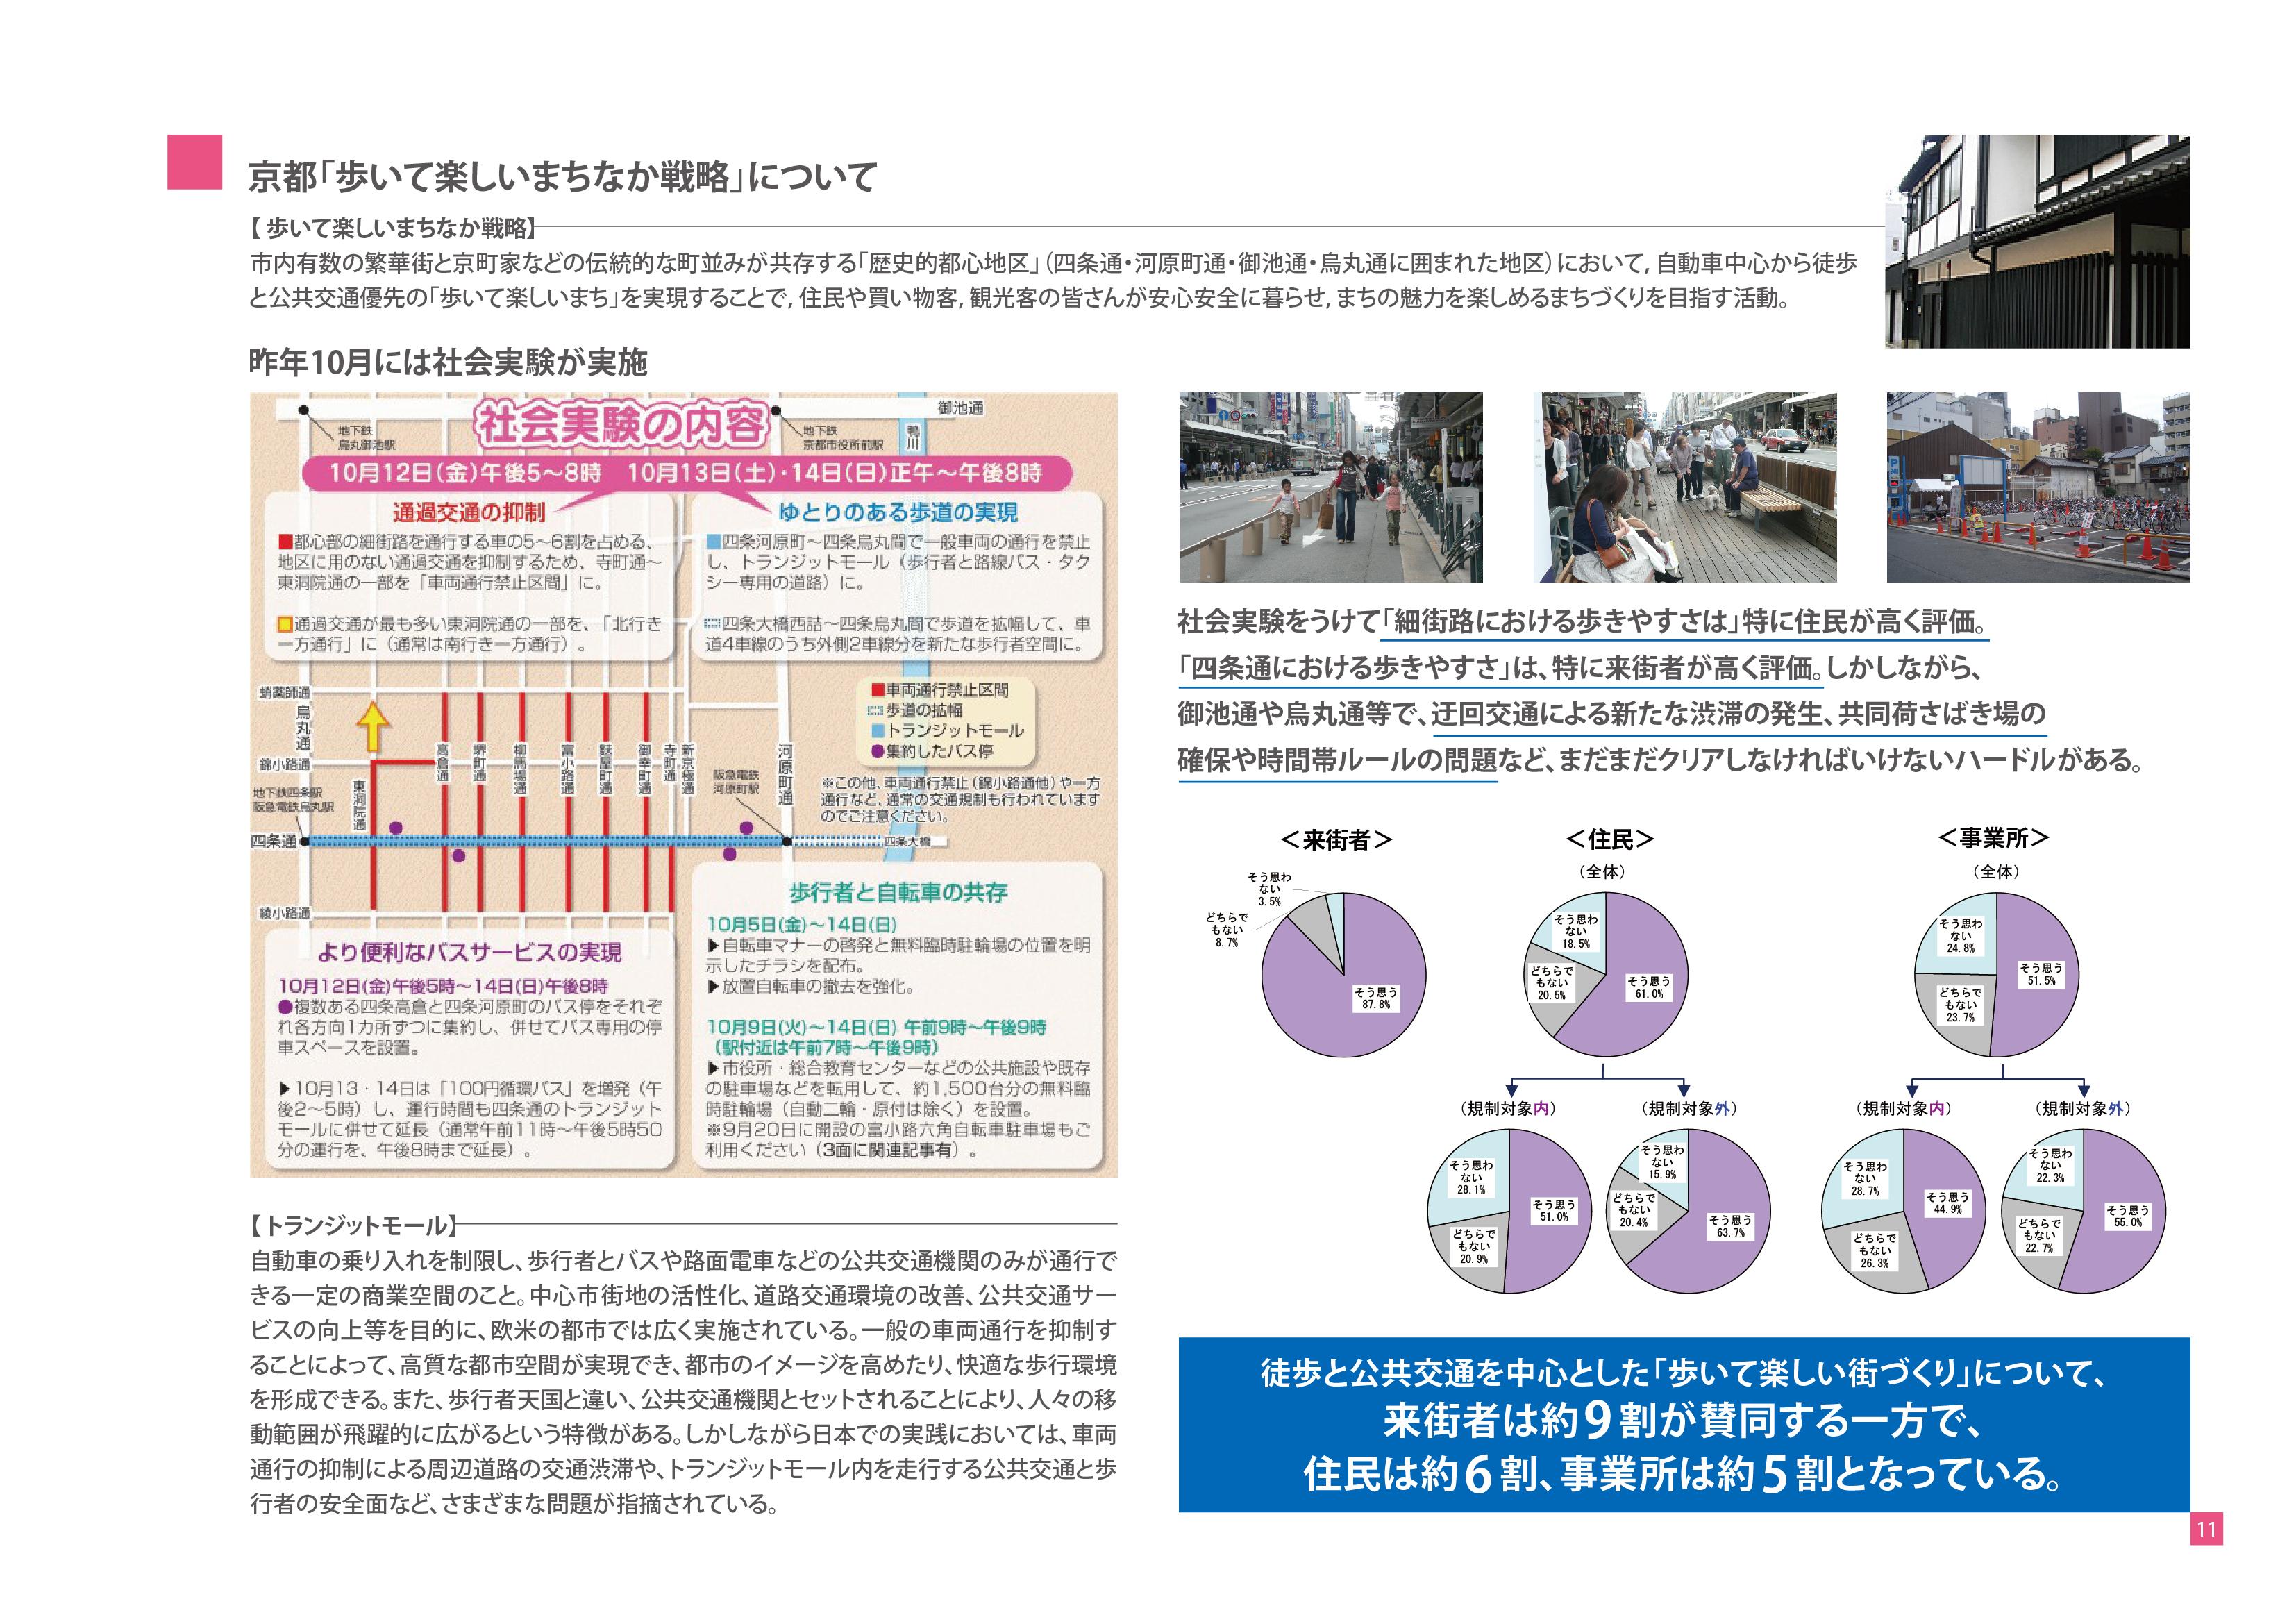 土地有効活用プロジェクト-駐車場経営のご提案-京都「歩いて楽しいまちなか戦略」について